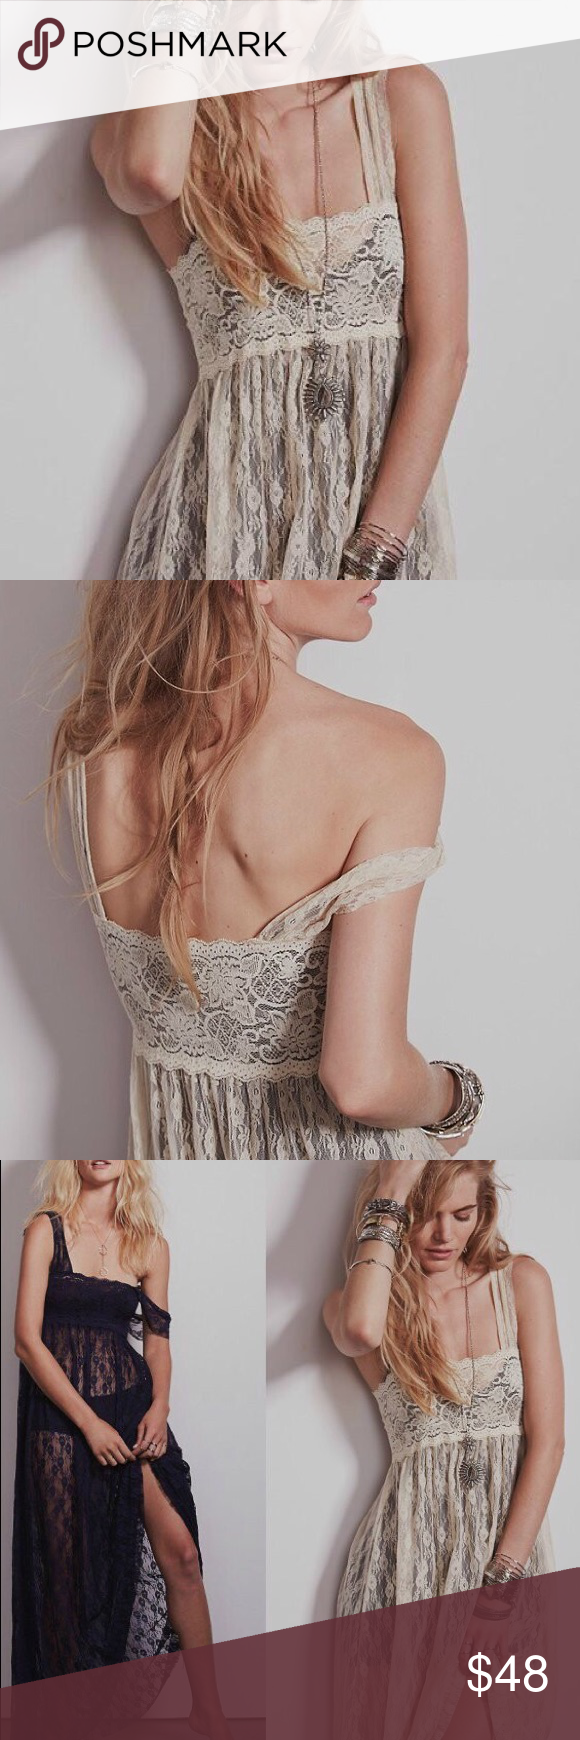 Lace dress cover up  Lace Maxi Dress COVERUP Floral Tea Black White Boutique  My Posh